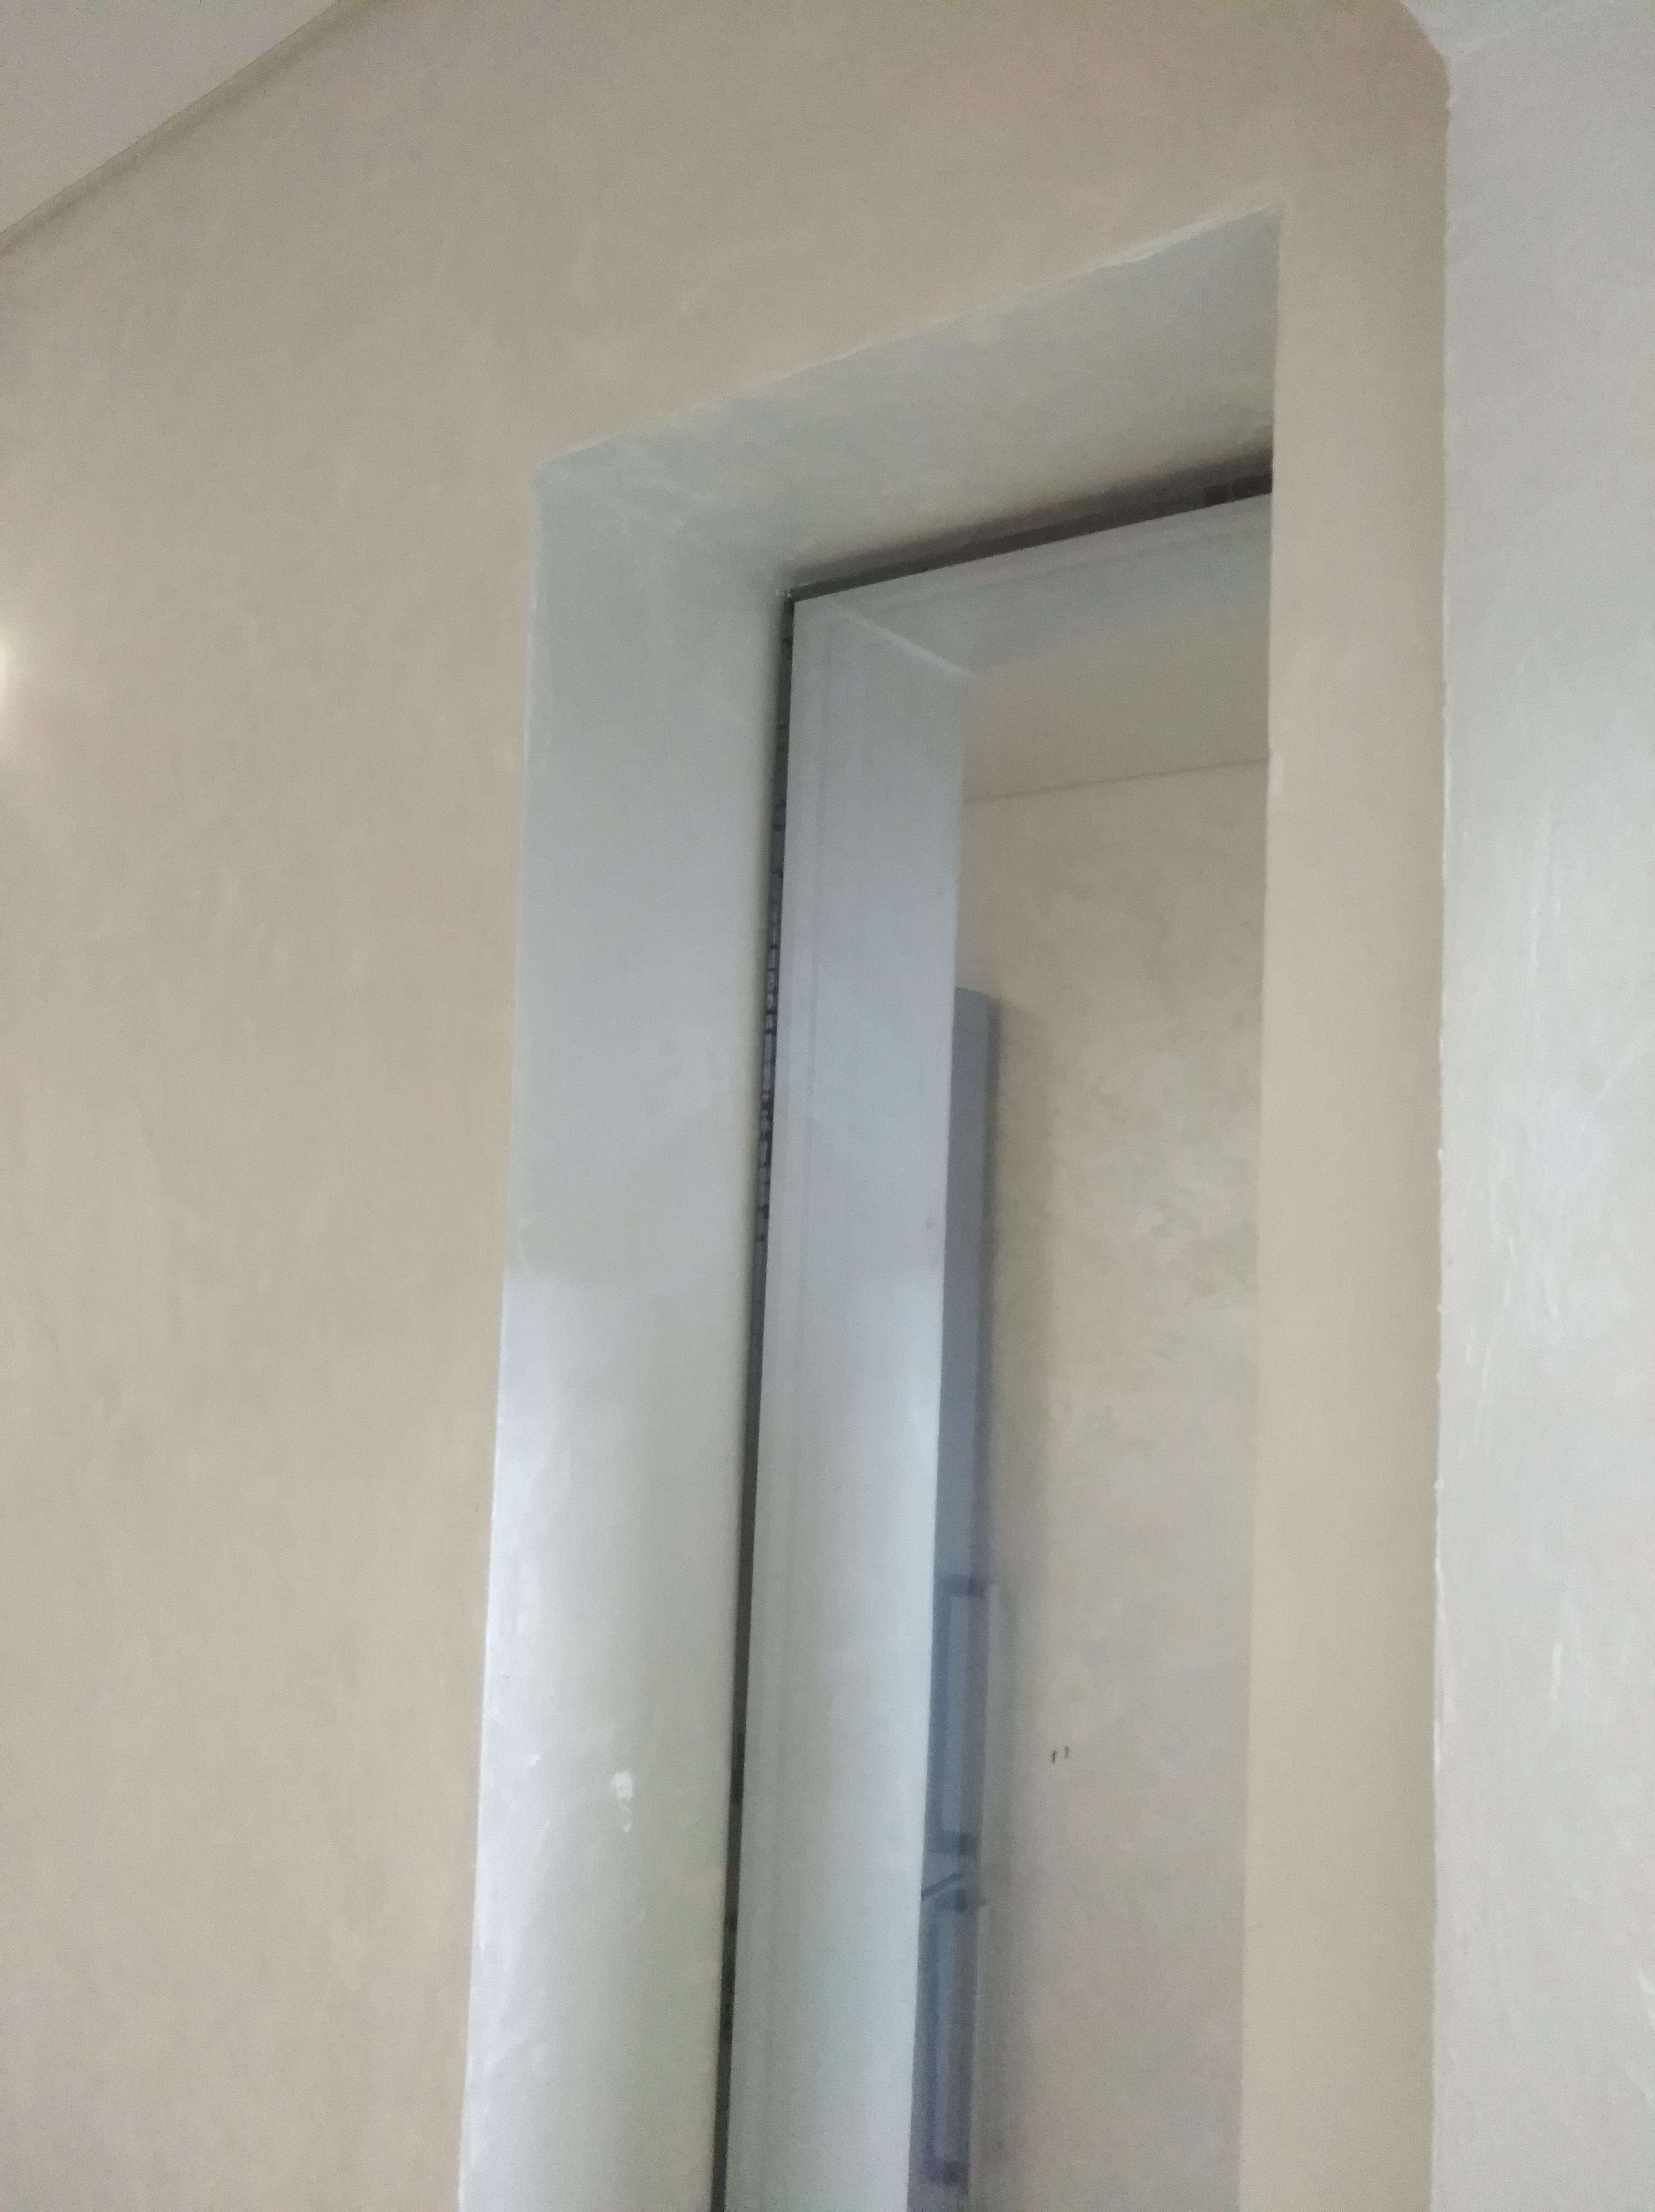 Фото изготовлено бесконечное зеркало с последующим монтажем